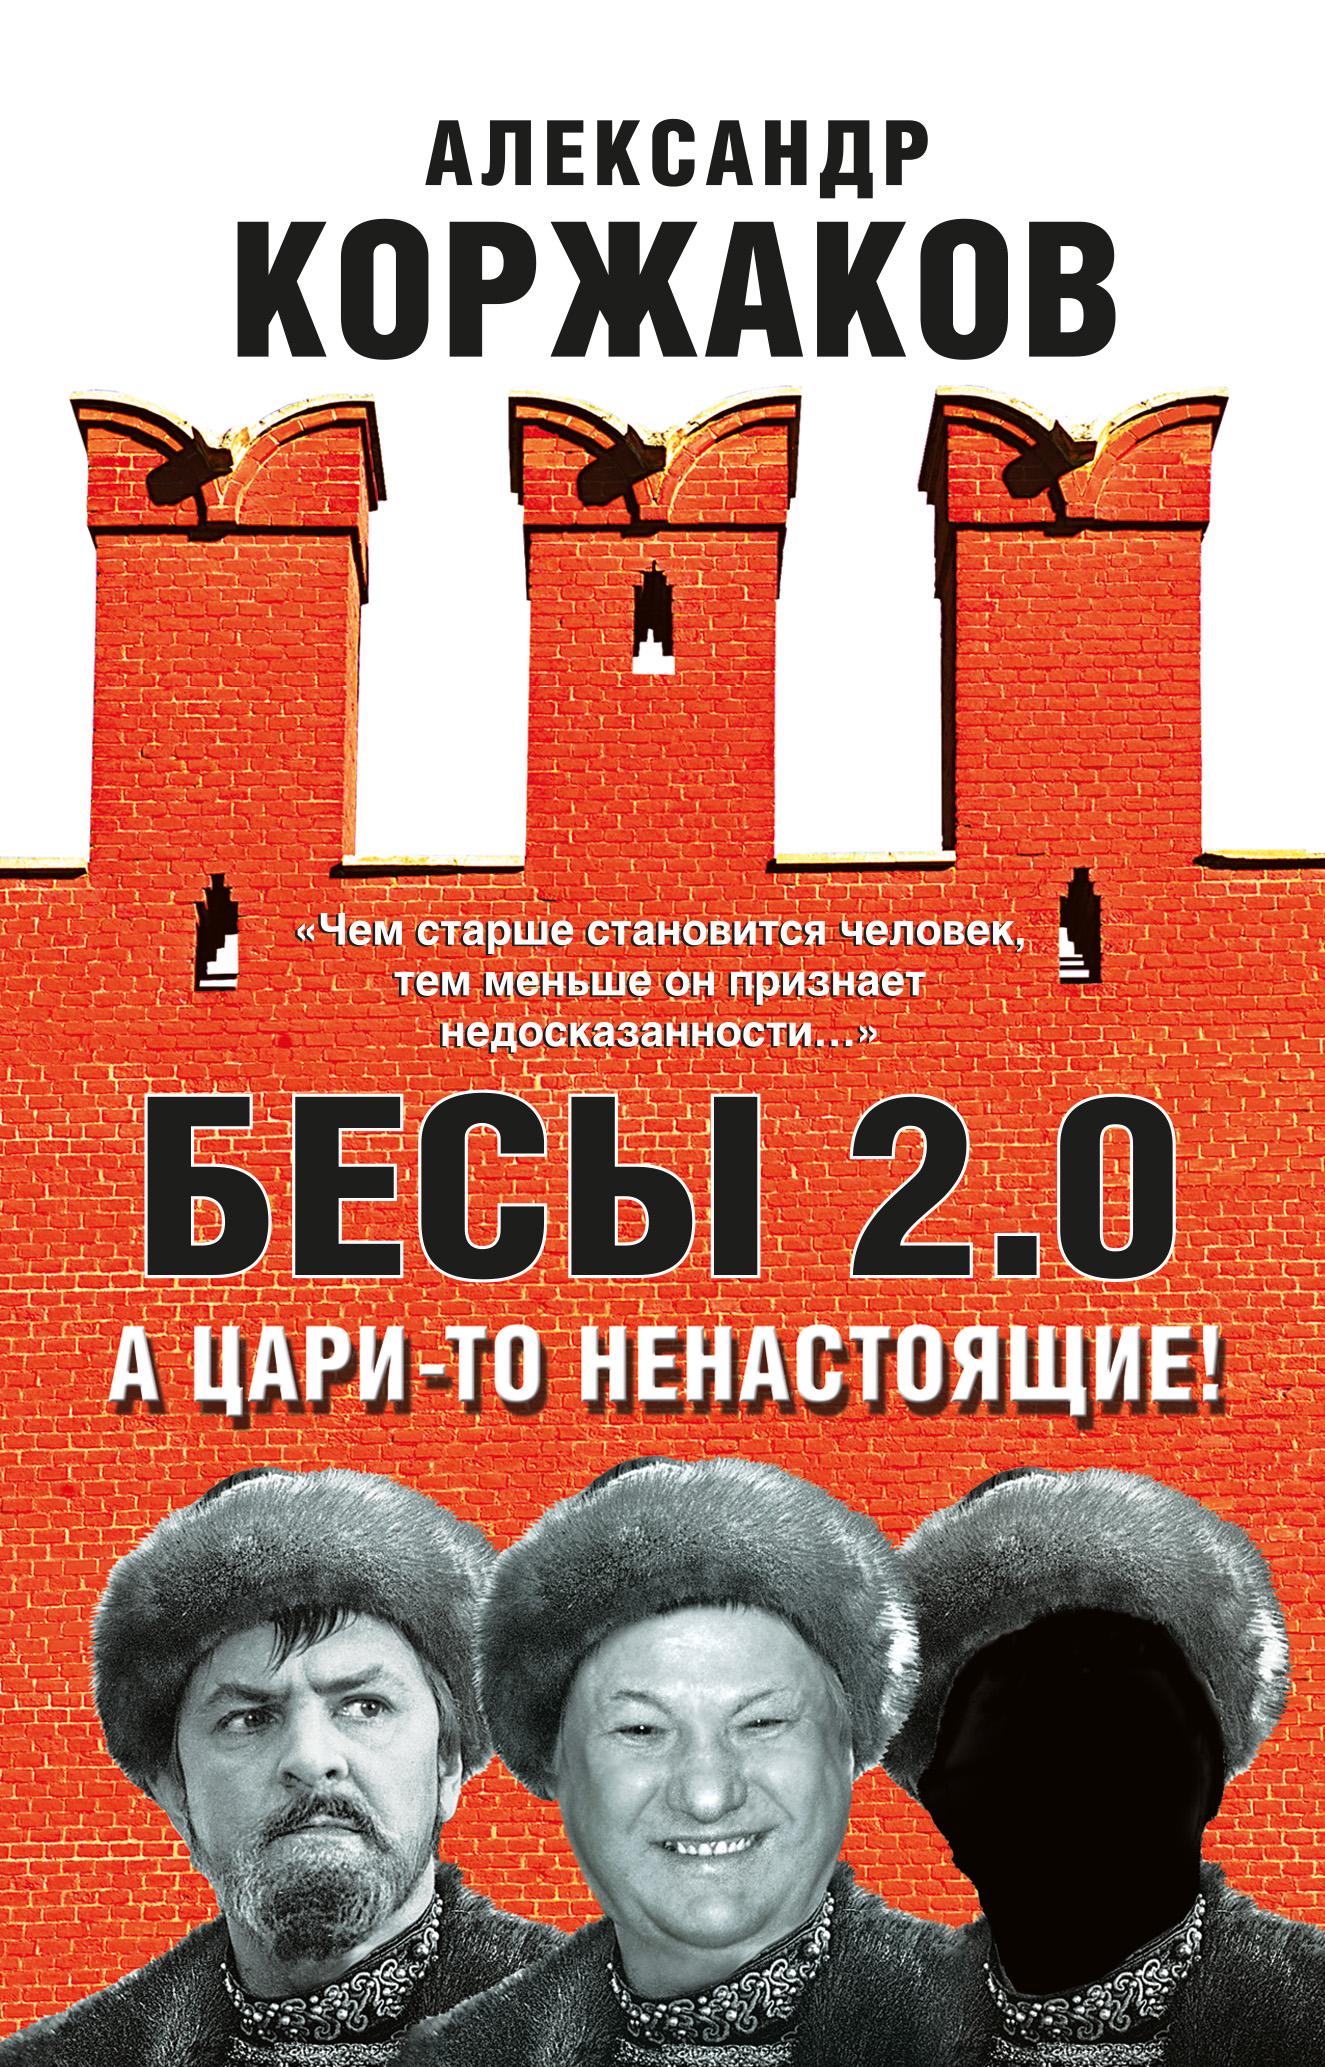 Александр Коржаков Бесы 2.0. А цари-то ненастоящие!